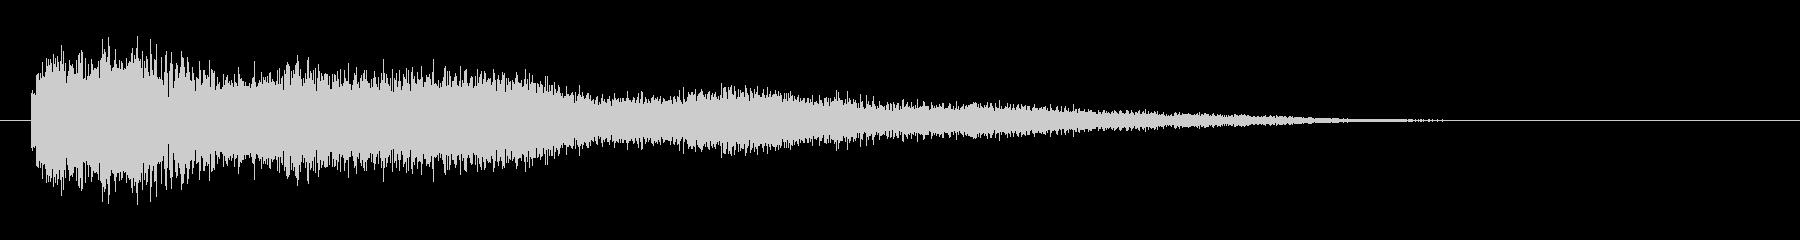 ボーン(破裂、爆発音)余韻付きの未再生の波形